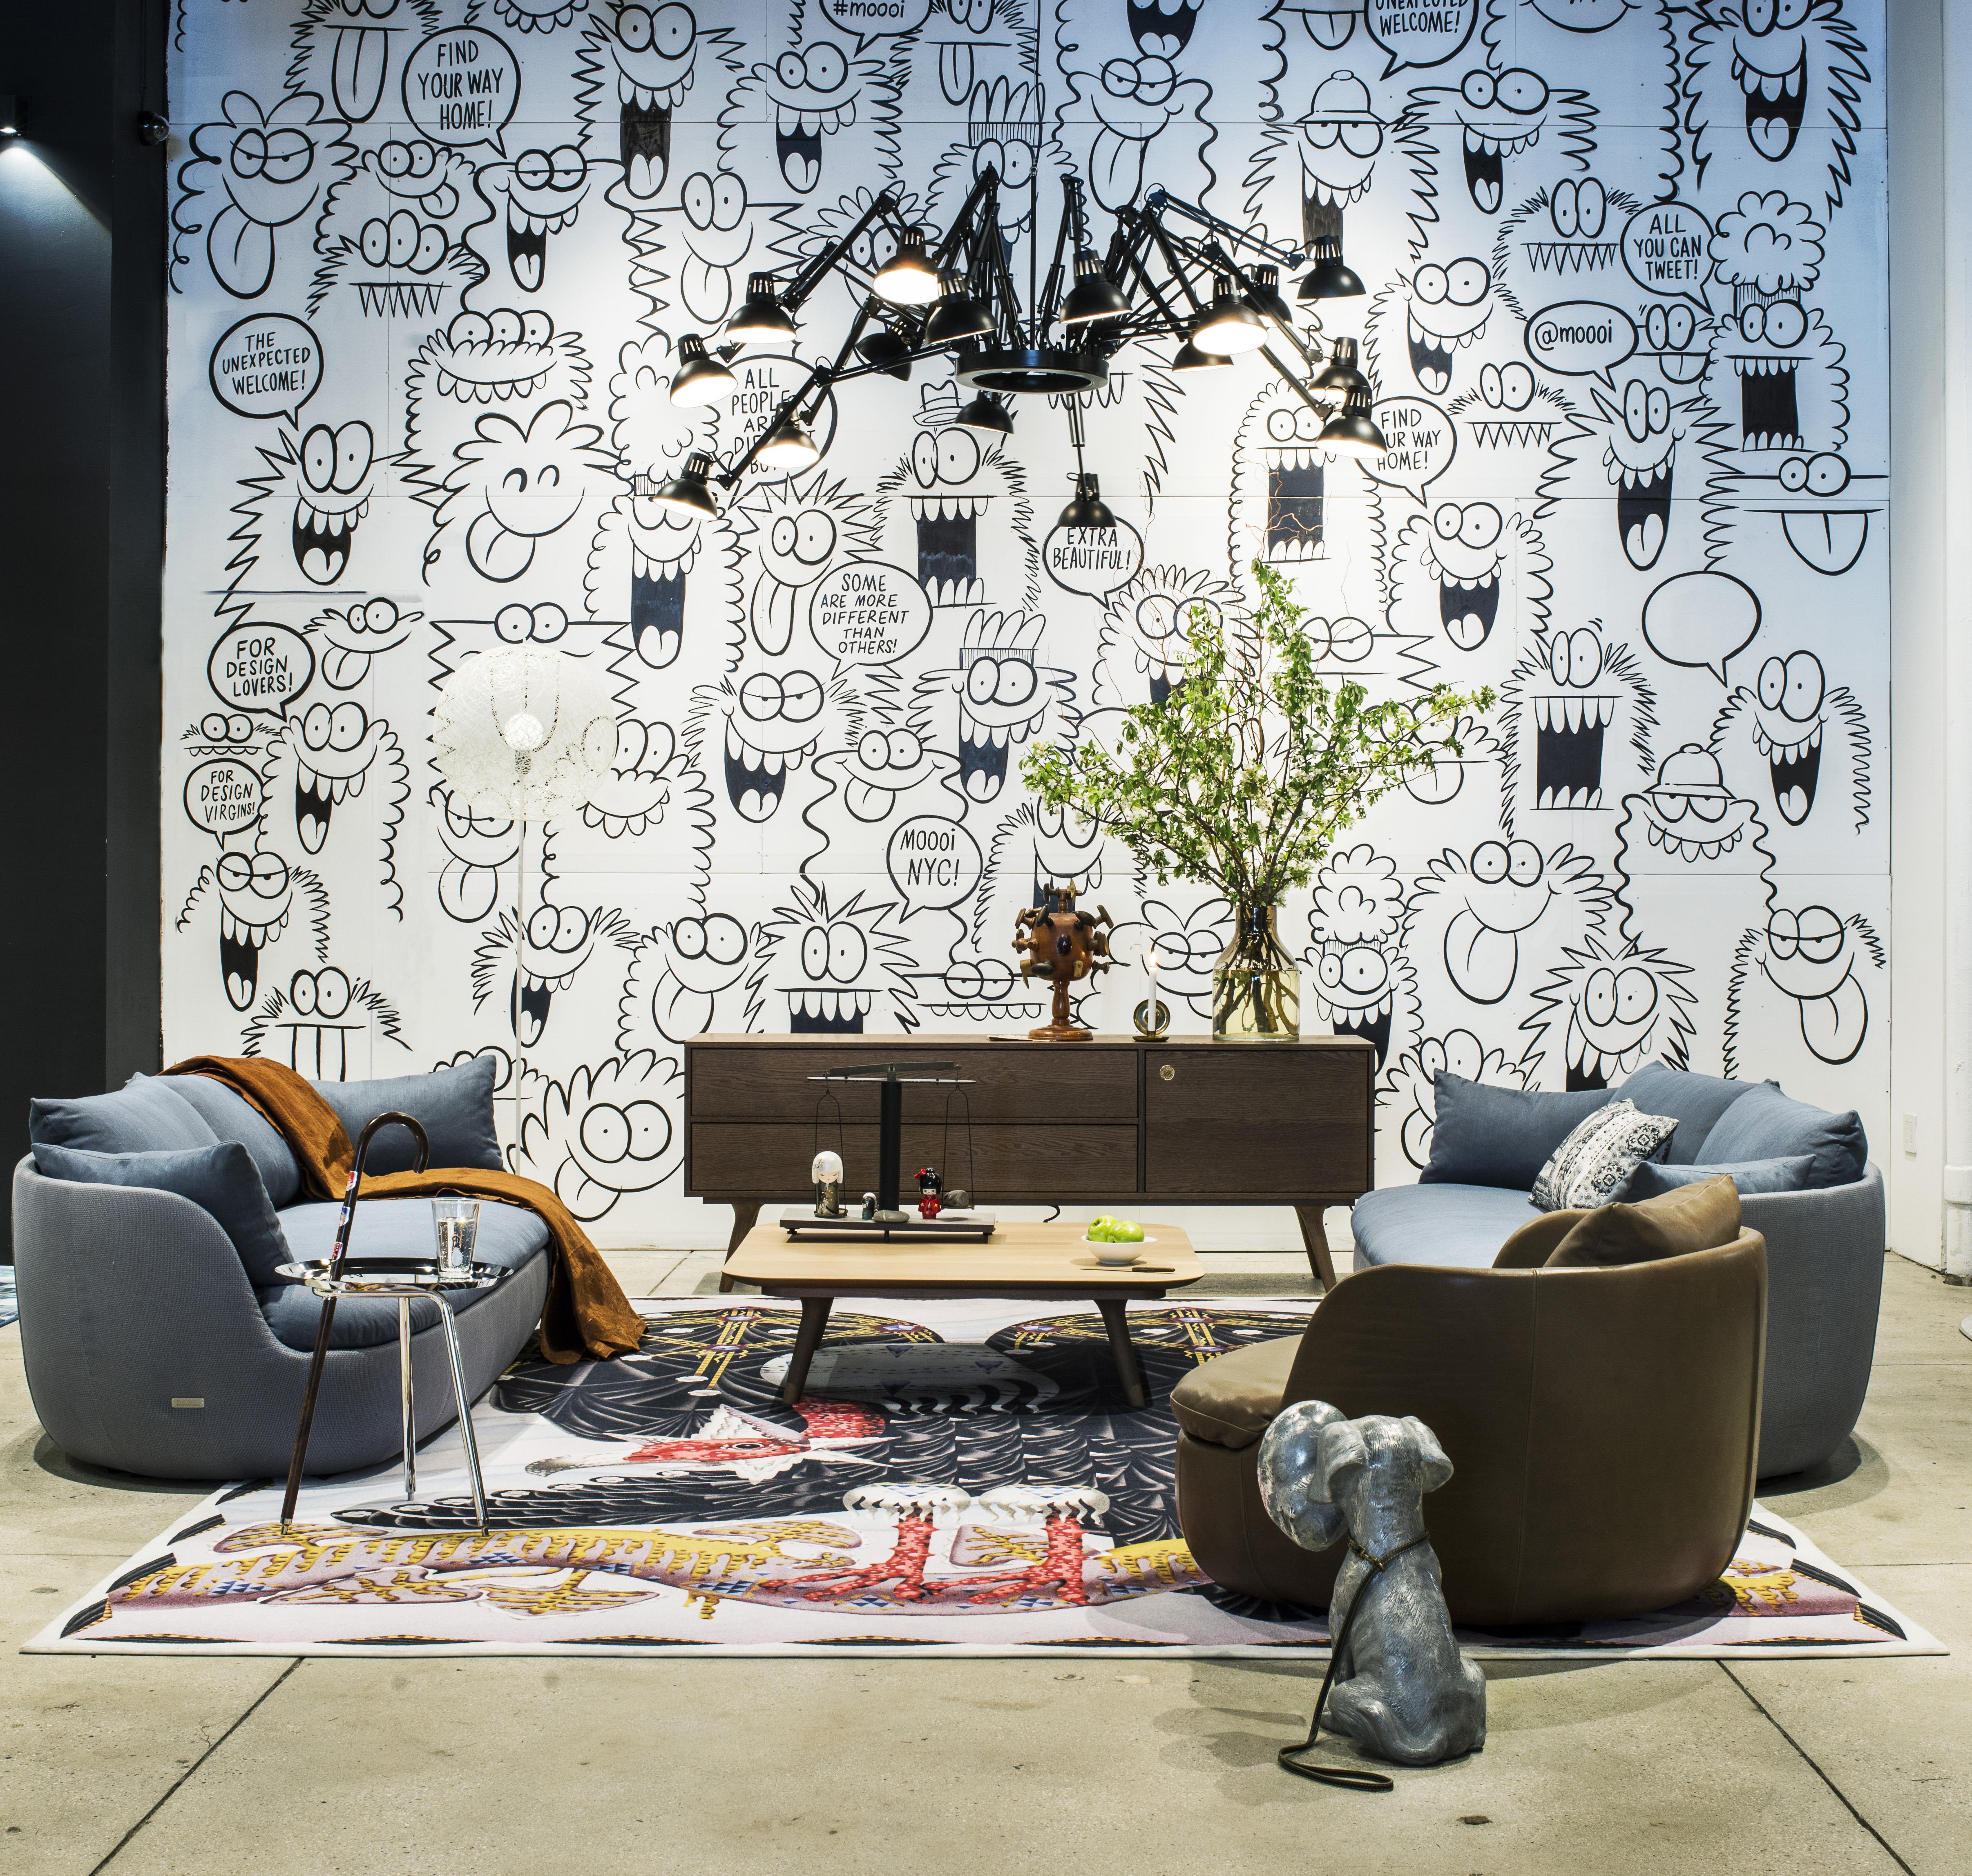 moooi_new-york_showroom-6-300dpi-moooi